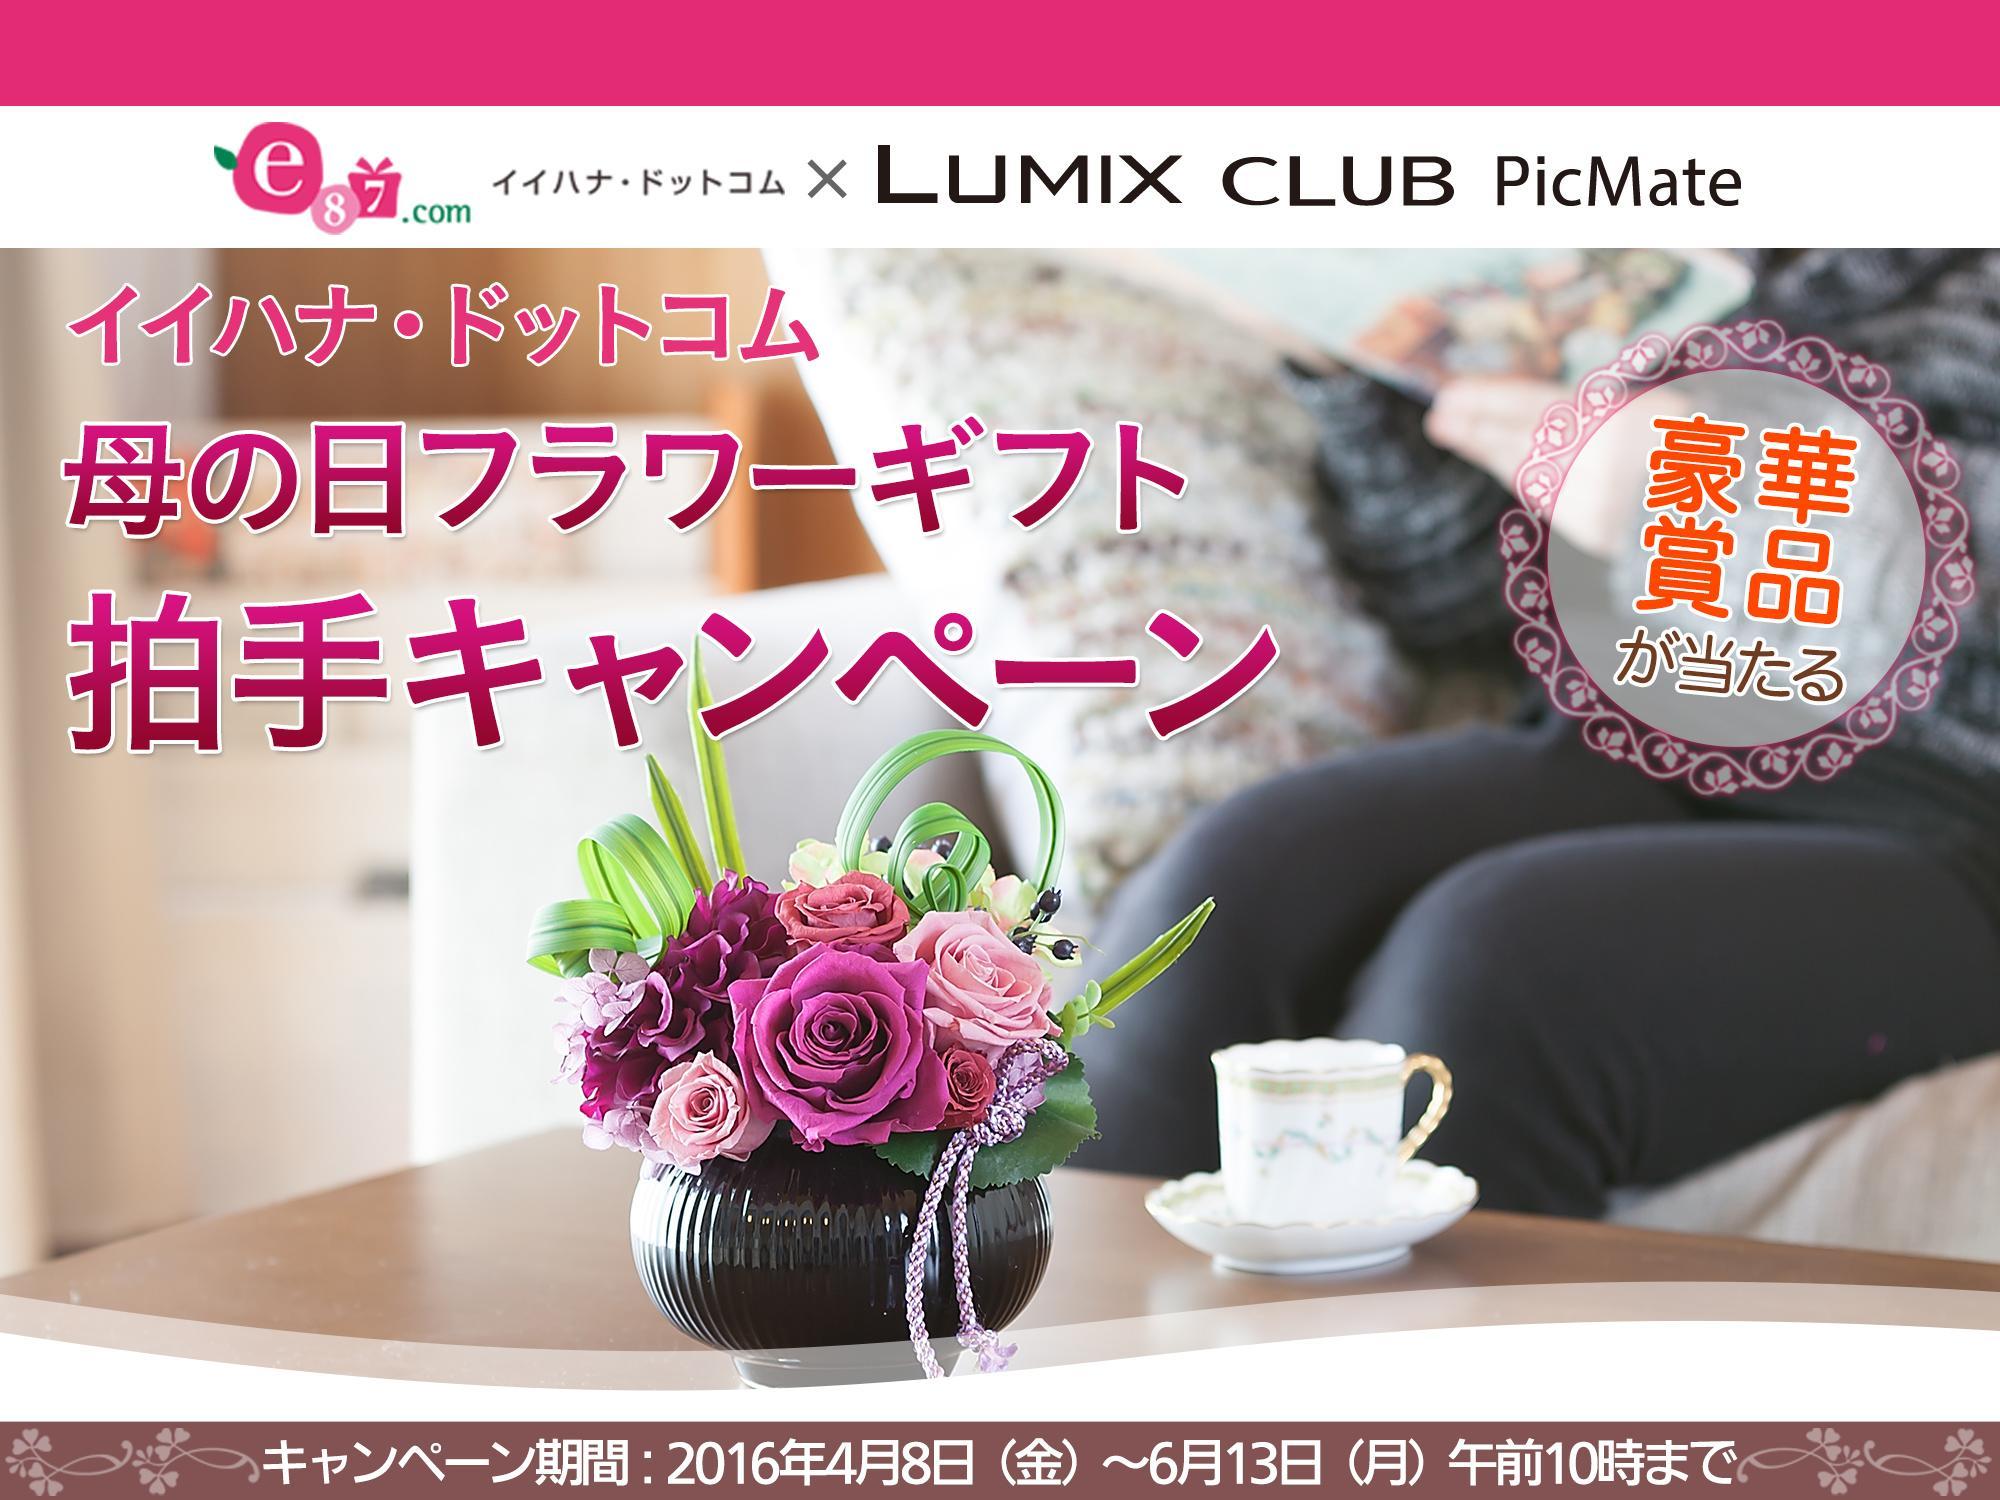 イイハナ・ドットコムxLUMIX CLUB PicMate「母の日フラワーギフト拍手キャンペーン」